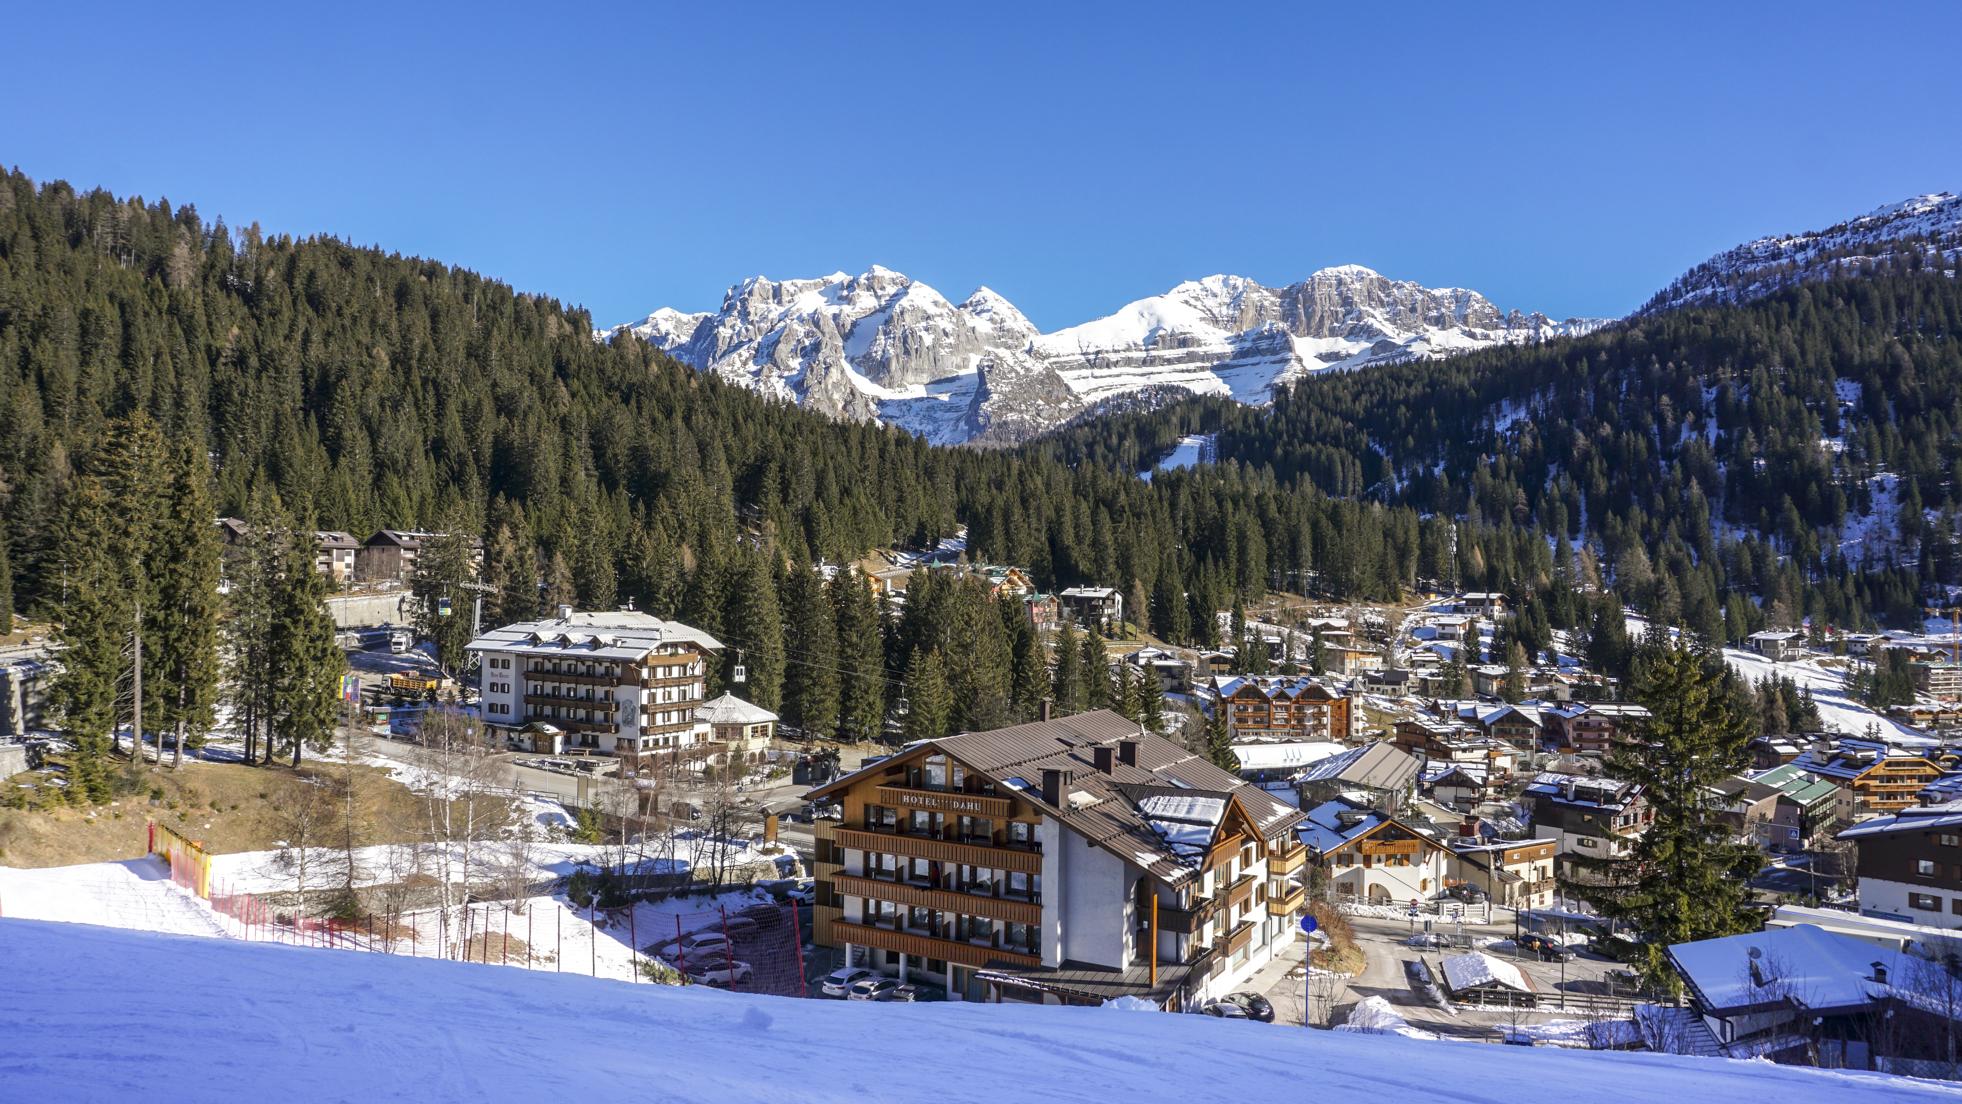 Narty, słońce, włoska kuchnia i inne powody, żeby jechać do Val di Sole zimą